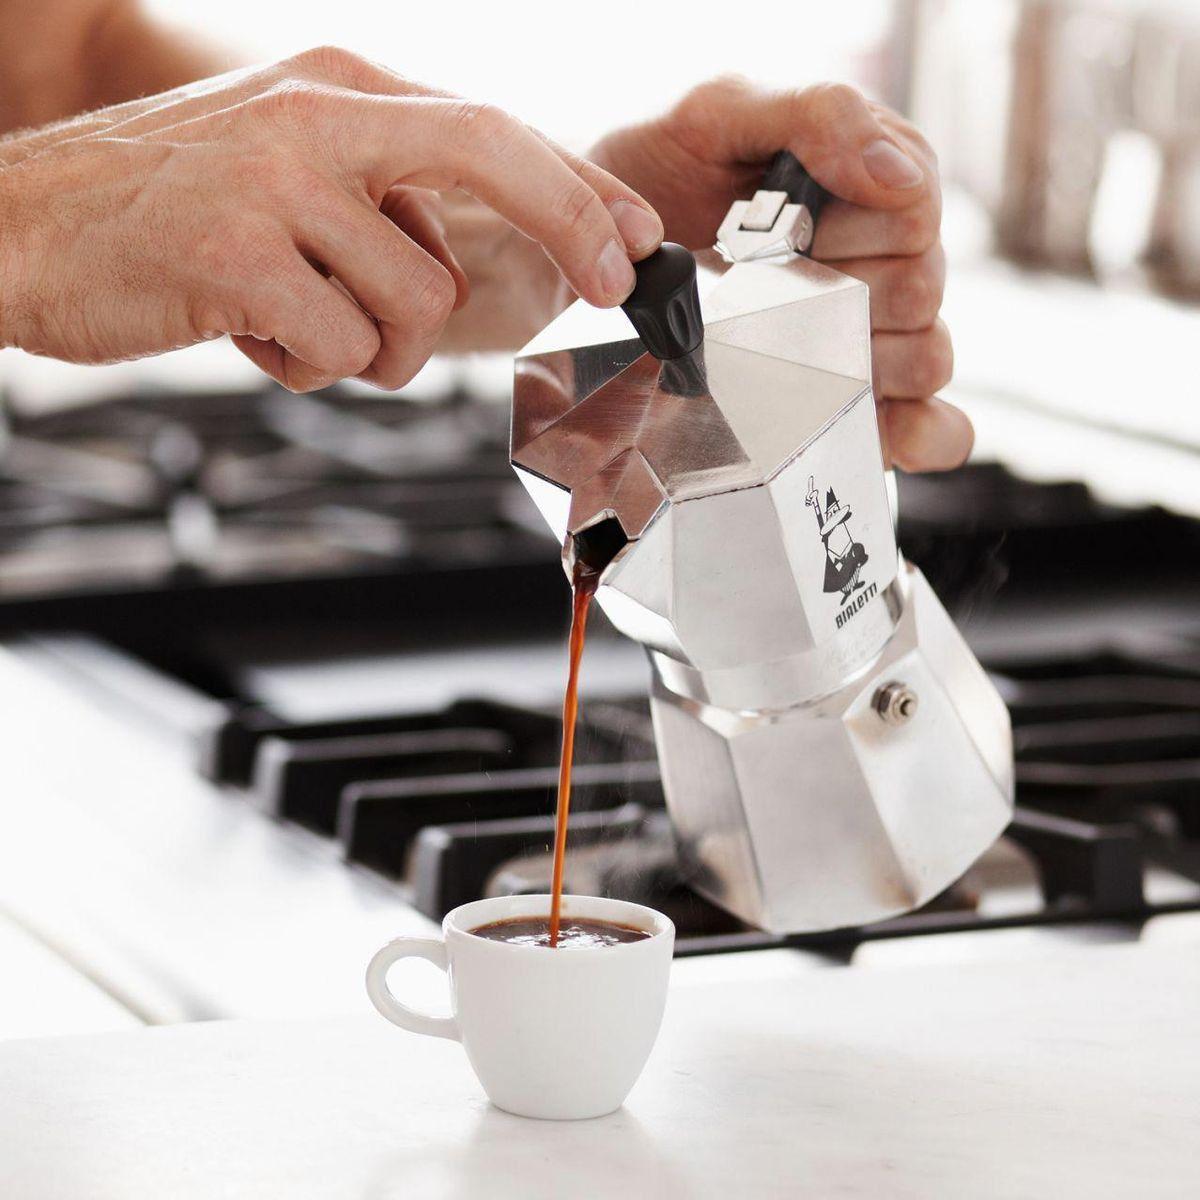 Kit Cafeteira Italiana Moka Express 9 Xícaras + 3 Borrachas de Vedação Bialetti